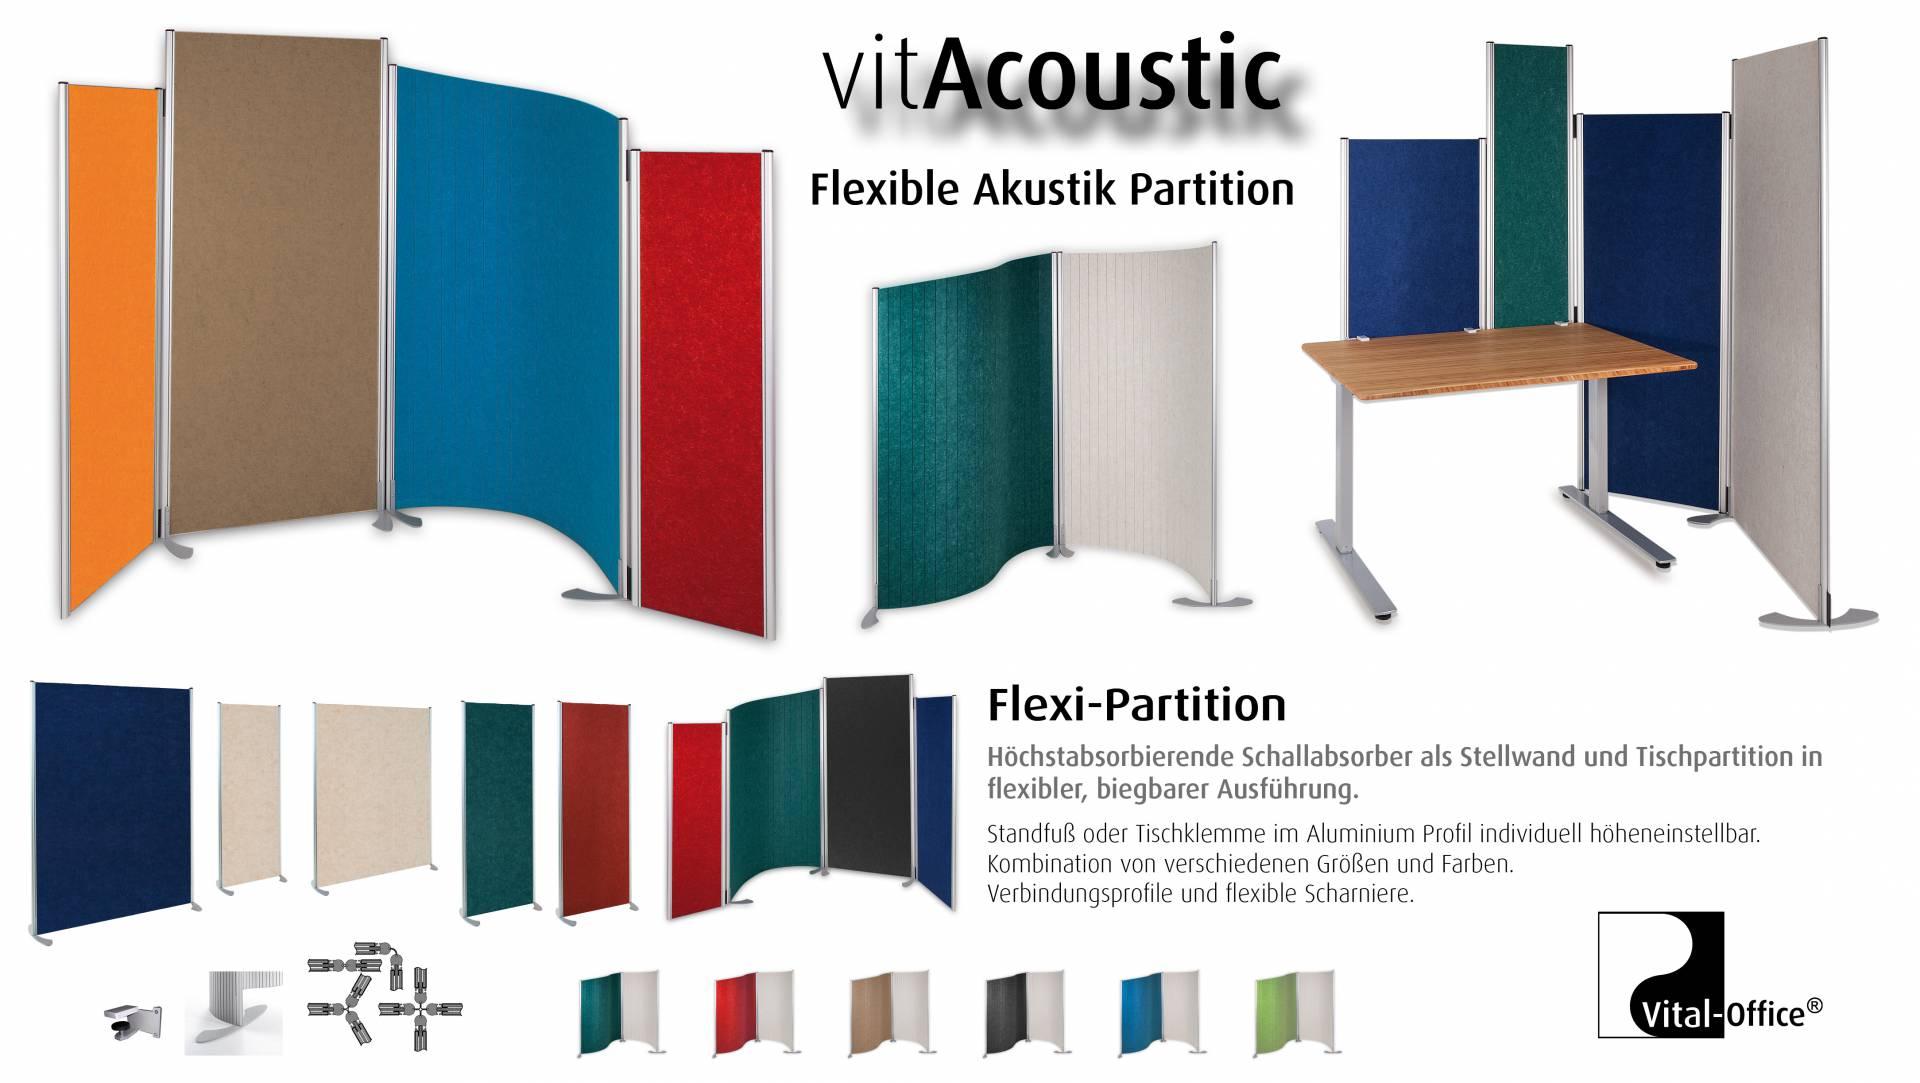 Vital-Office Schallabsorbierende Akustik Stellwand